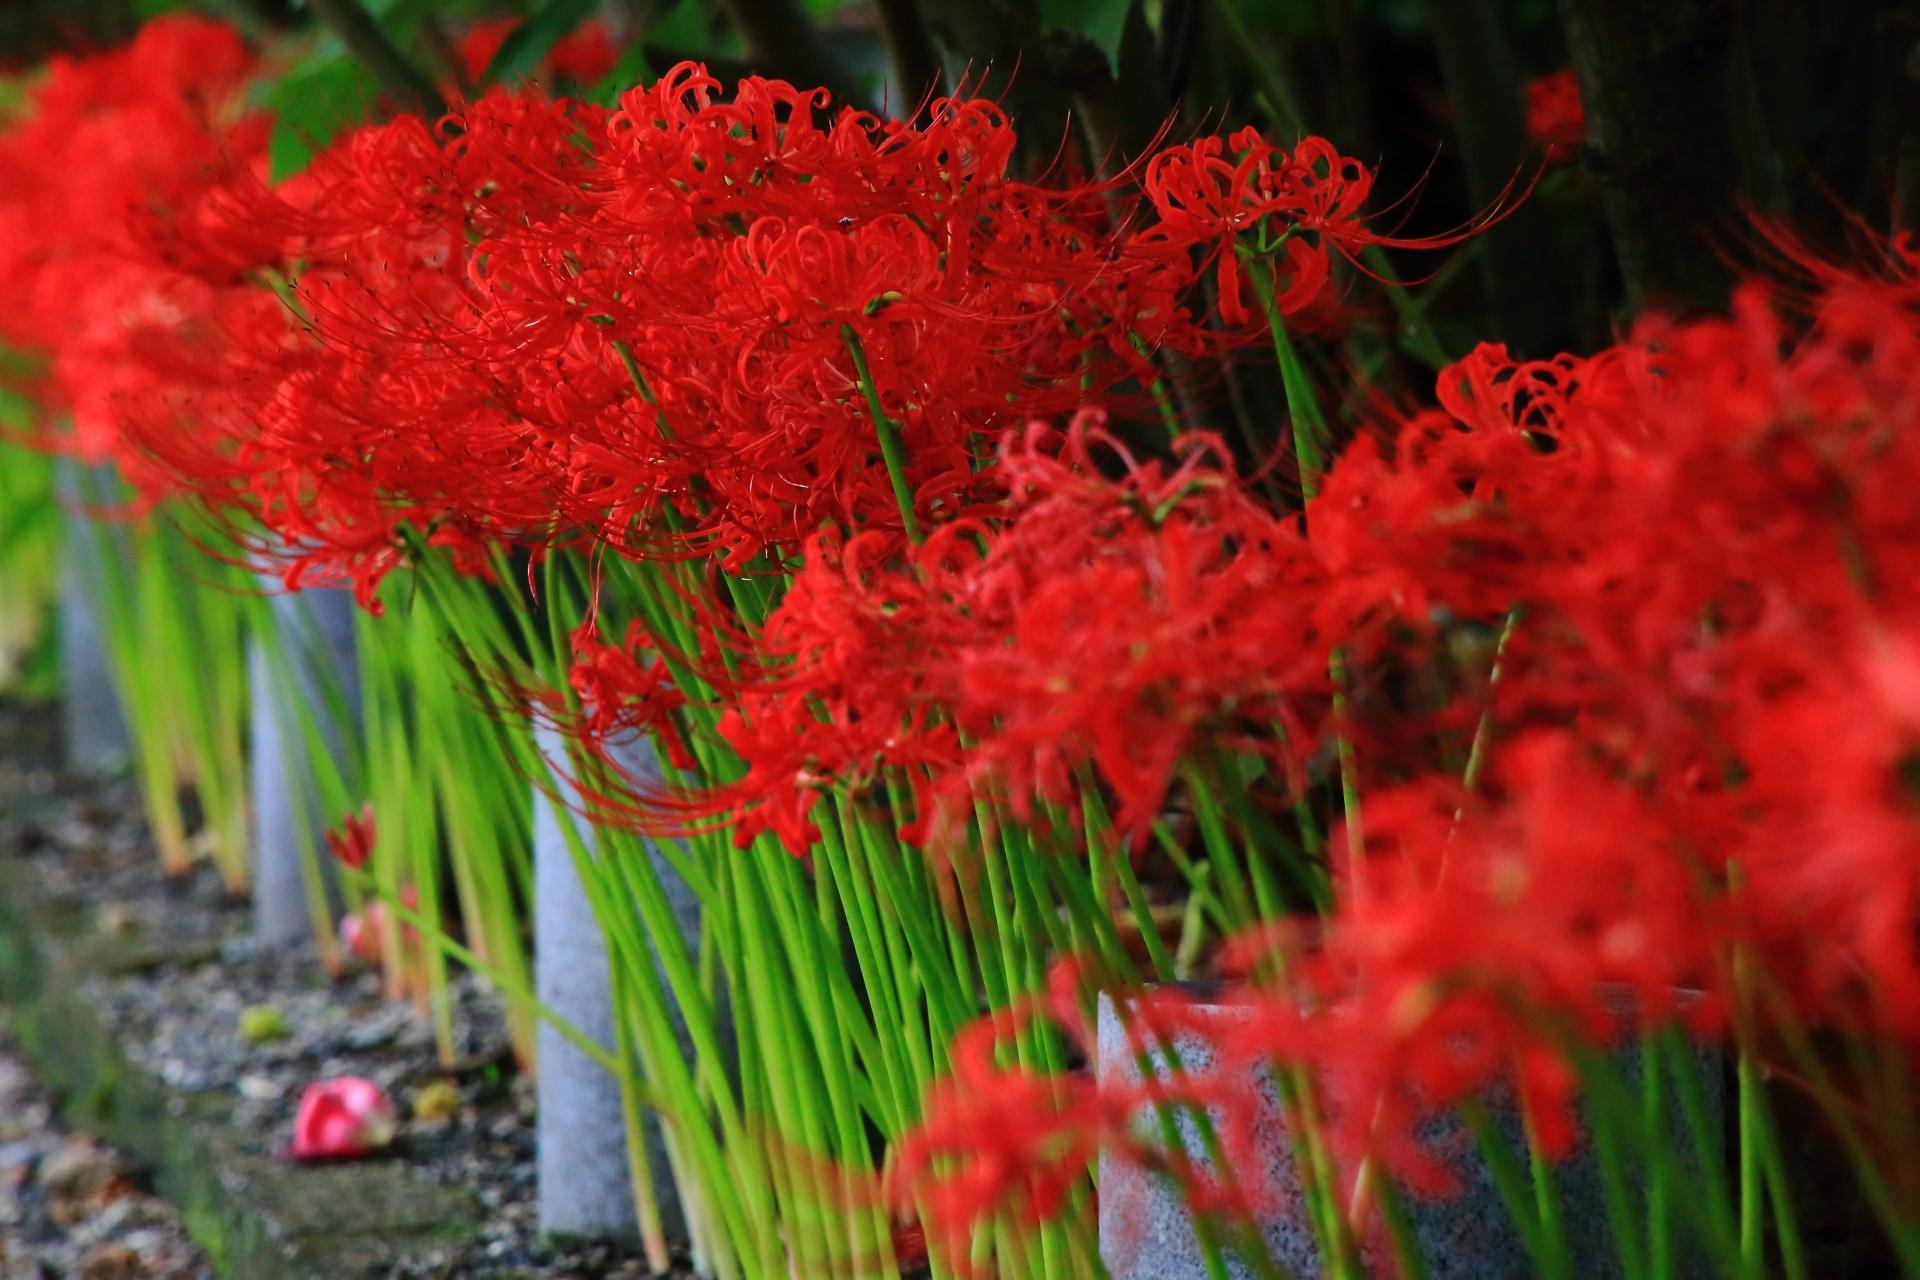 華やかな芙蓉の花とは雰囲気が違う鮮やかな彼岸花